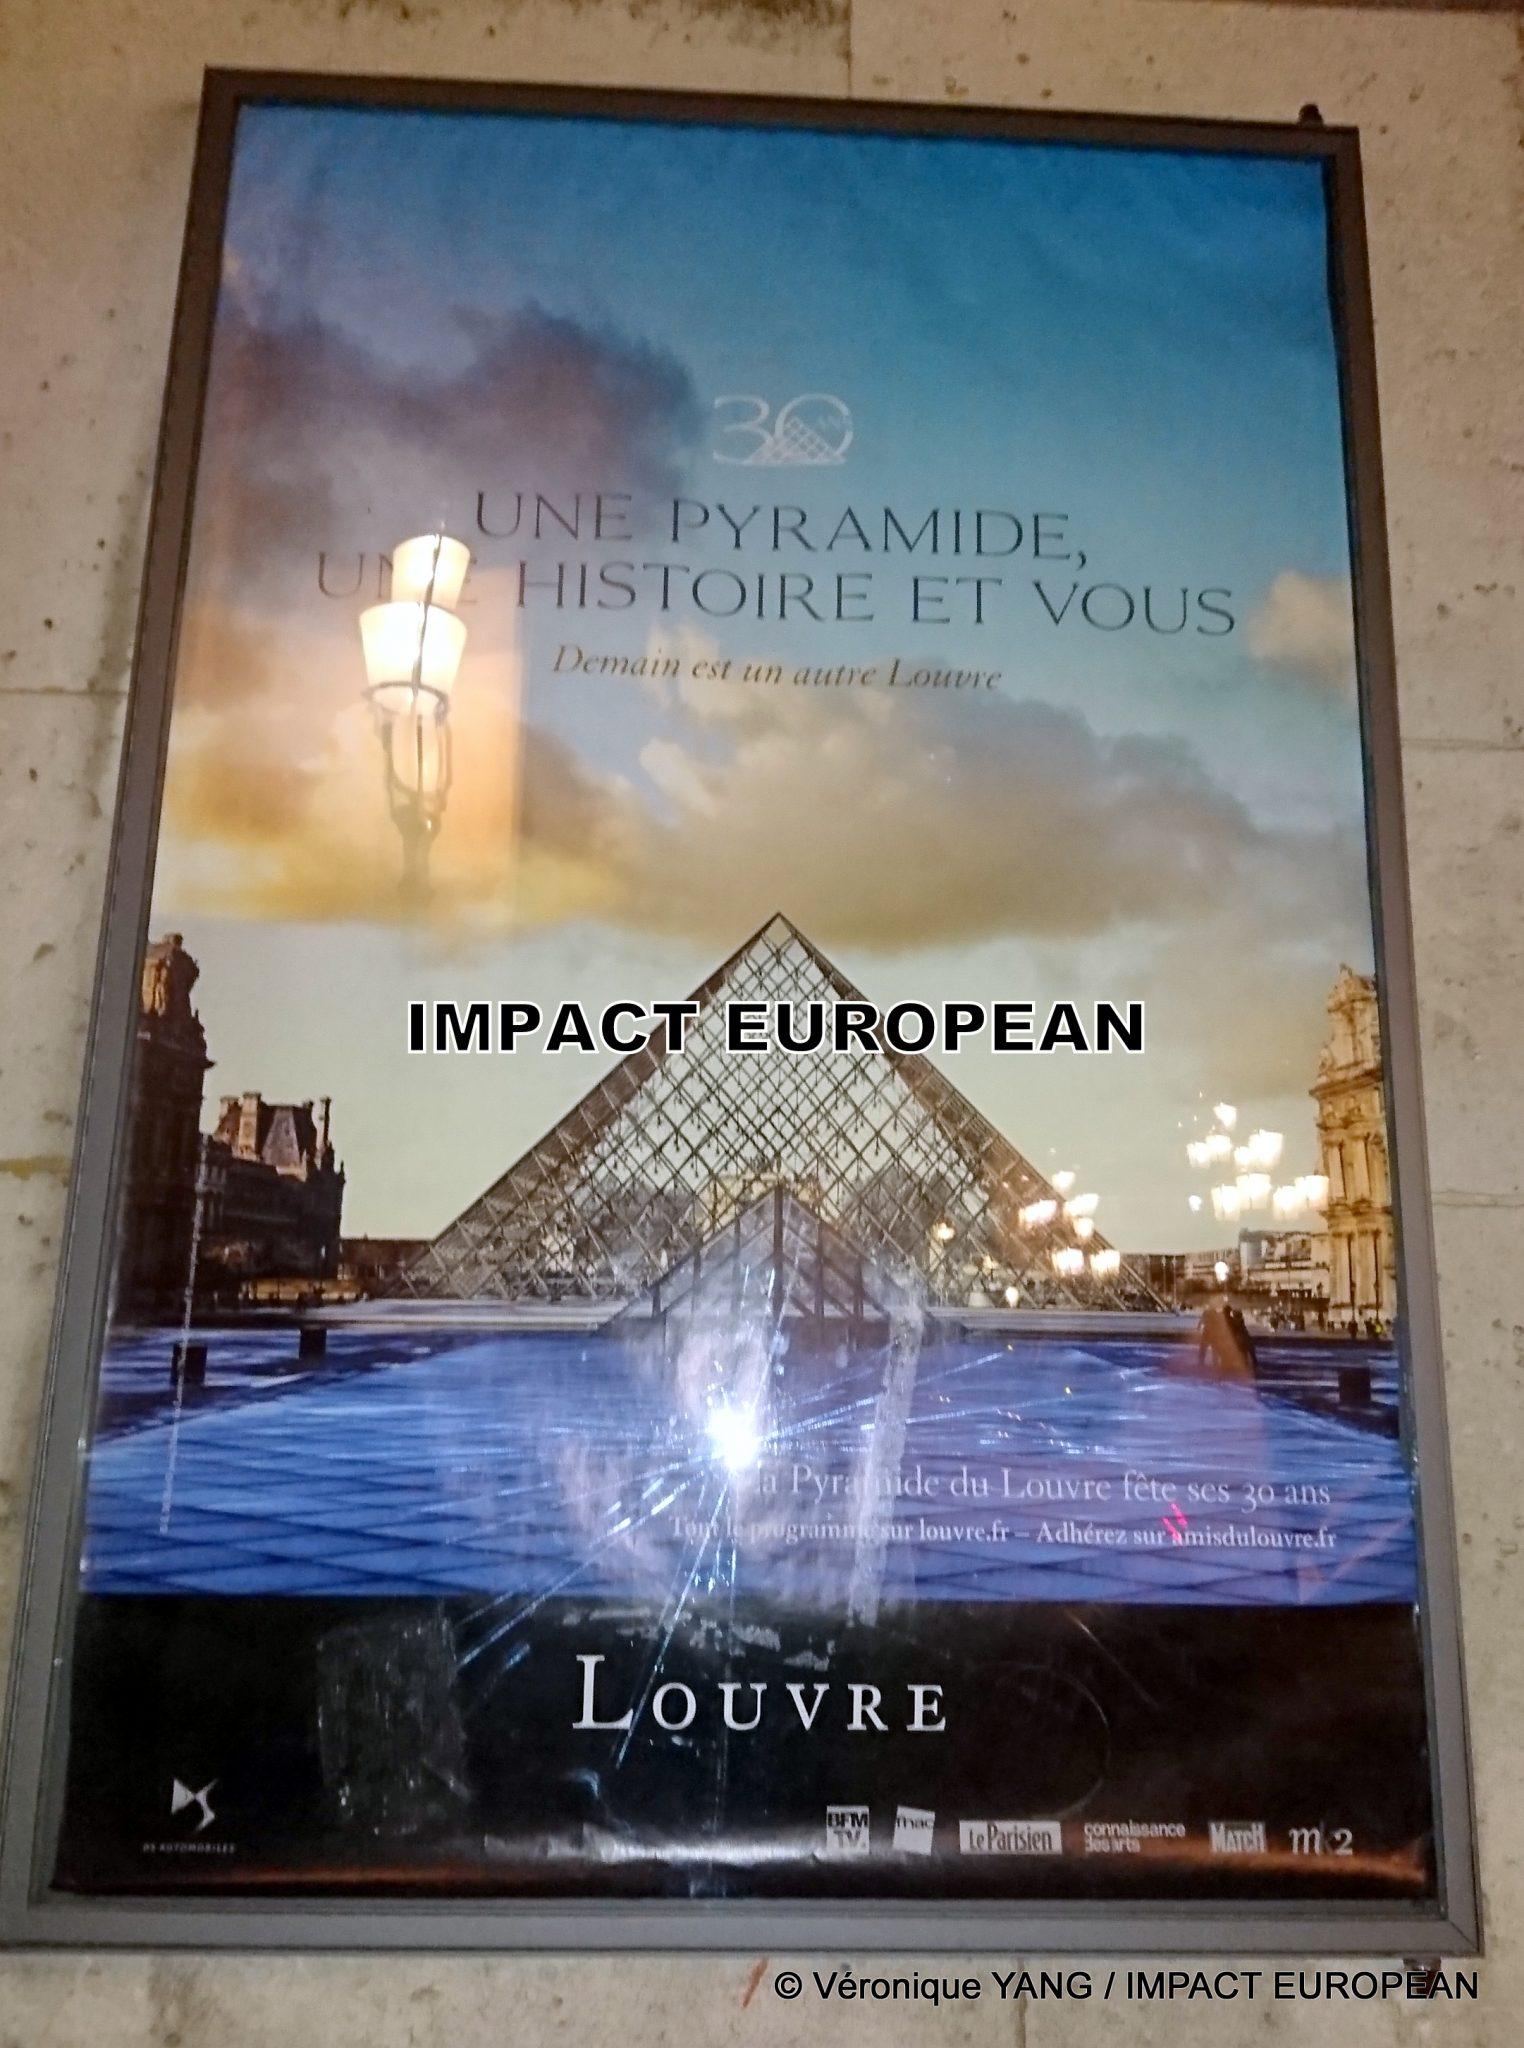 JR a réalisé un trompe l'oeil autour de la Pyramide du Louvre